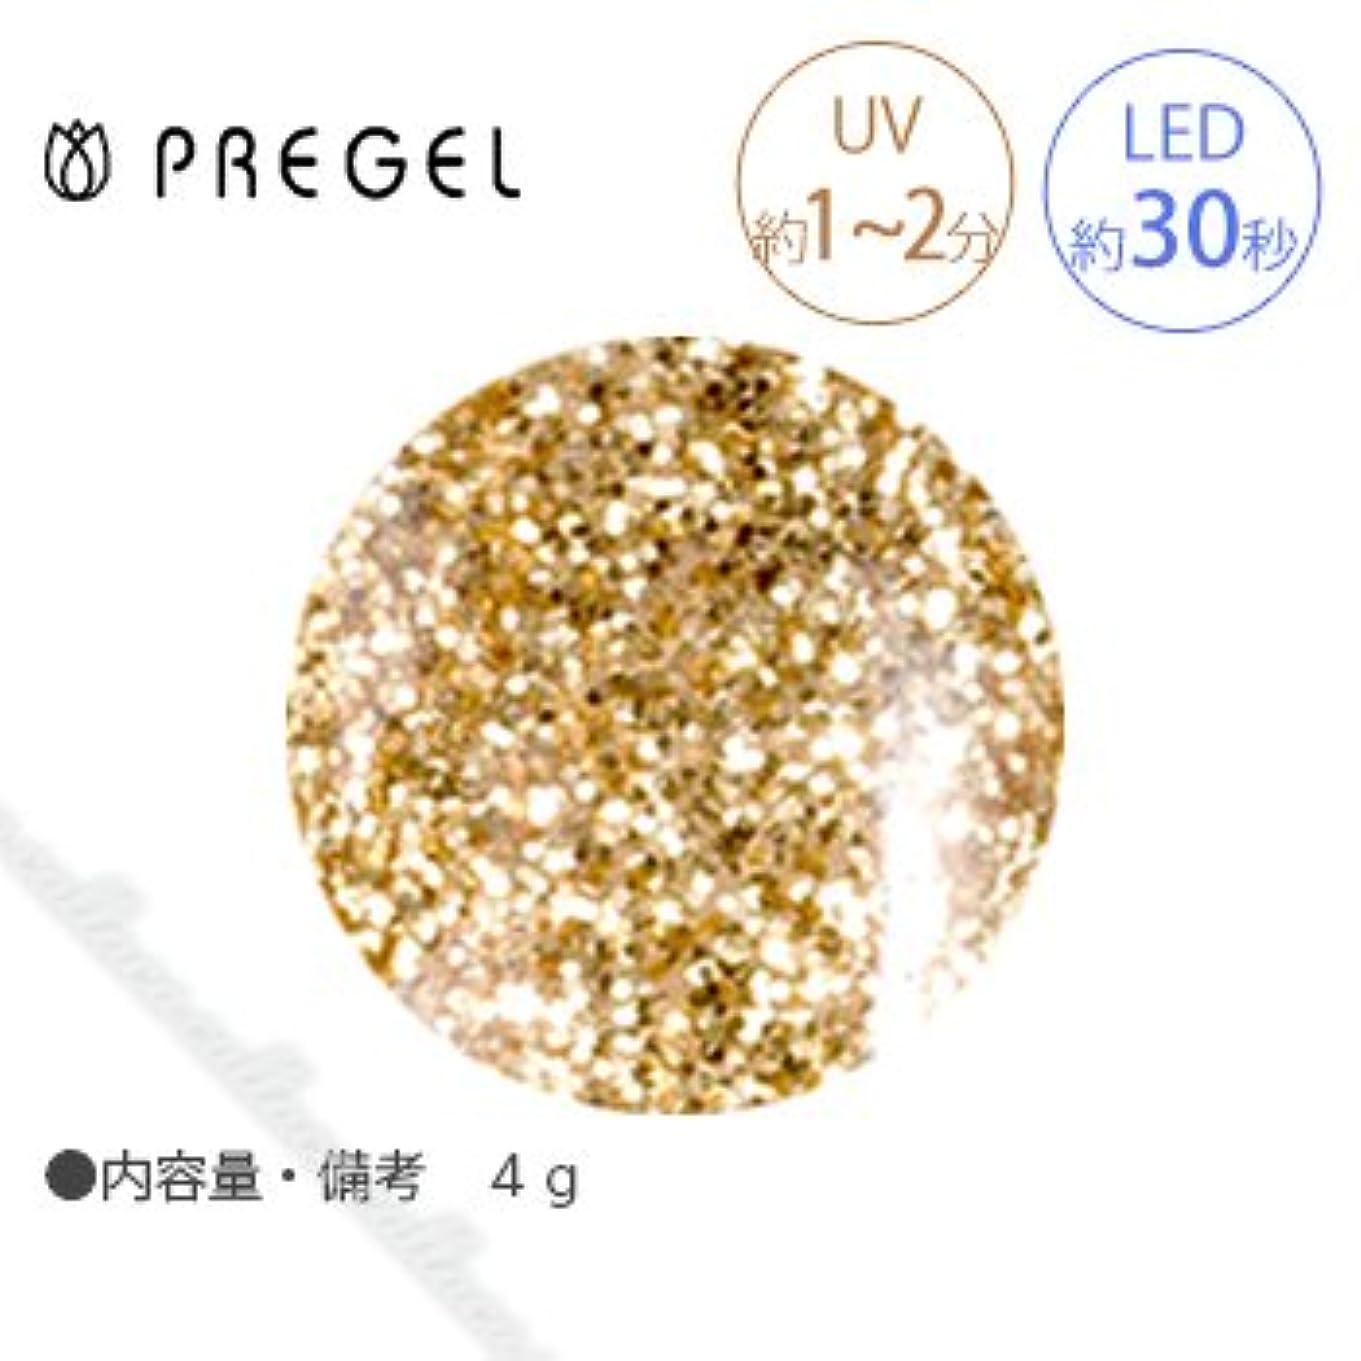 離すタヒチにんじん【PREGEL】 プリジェル カラーEX ダイヤモンドシリーズ ダイヤモンドブロンズ PG-CE402 4g